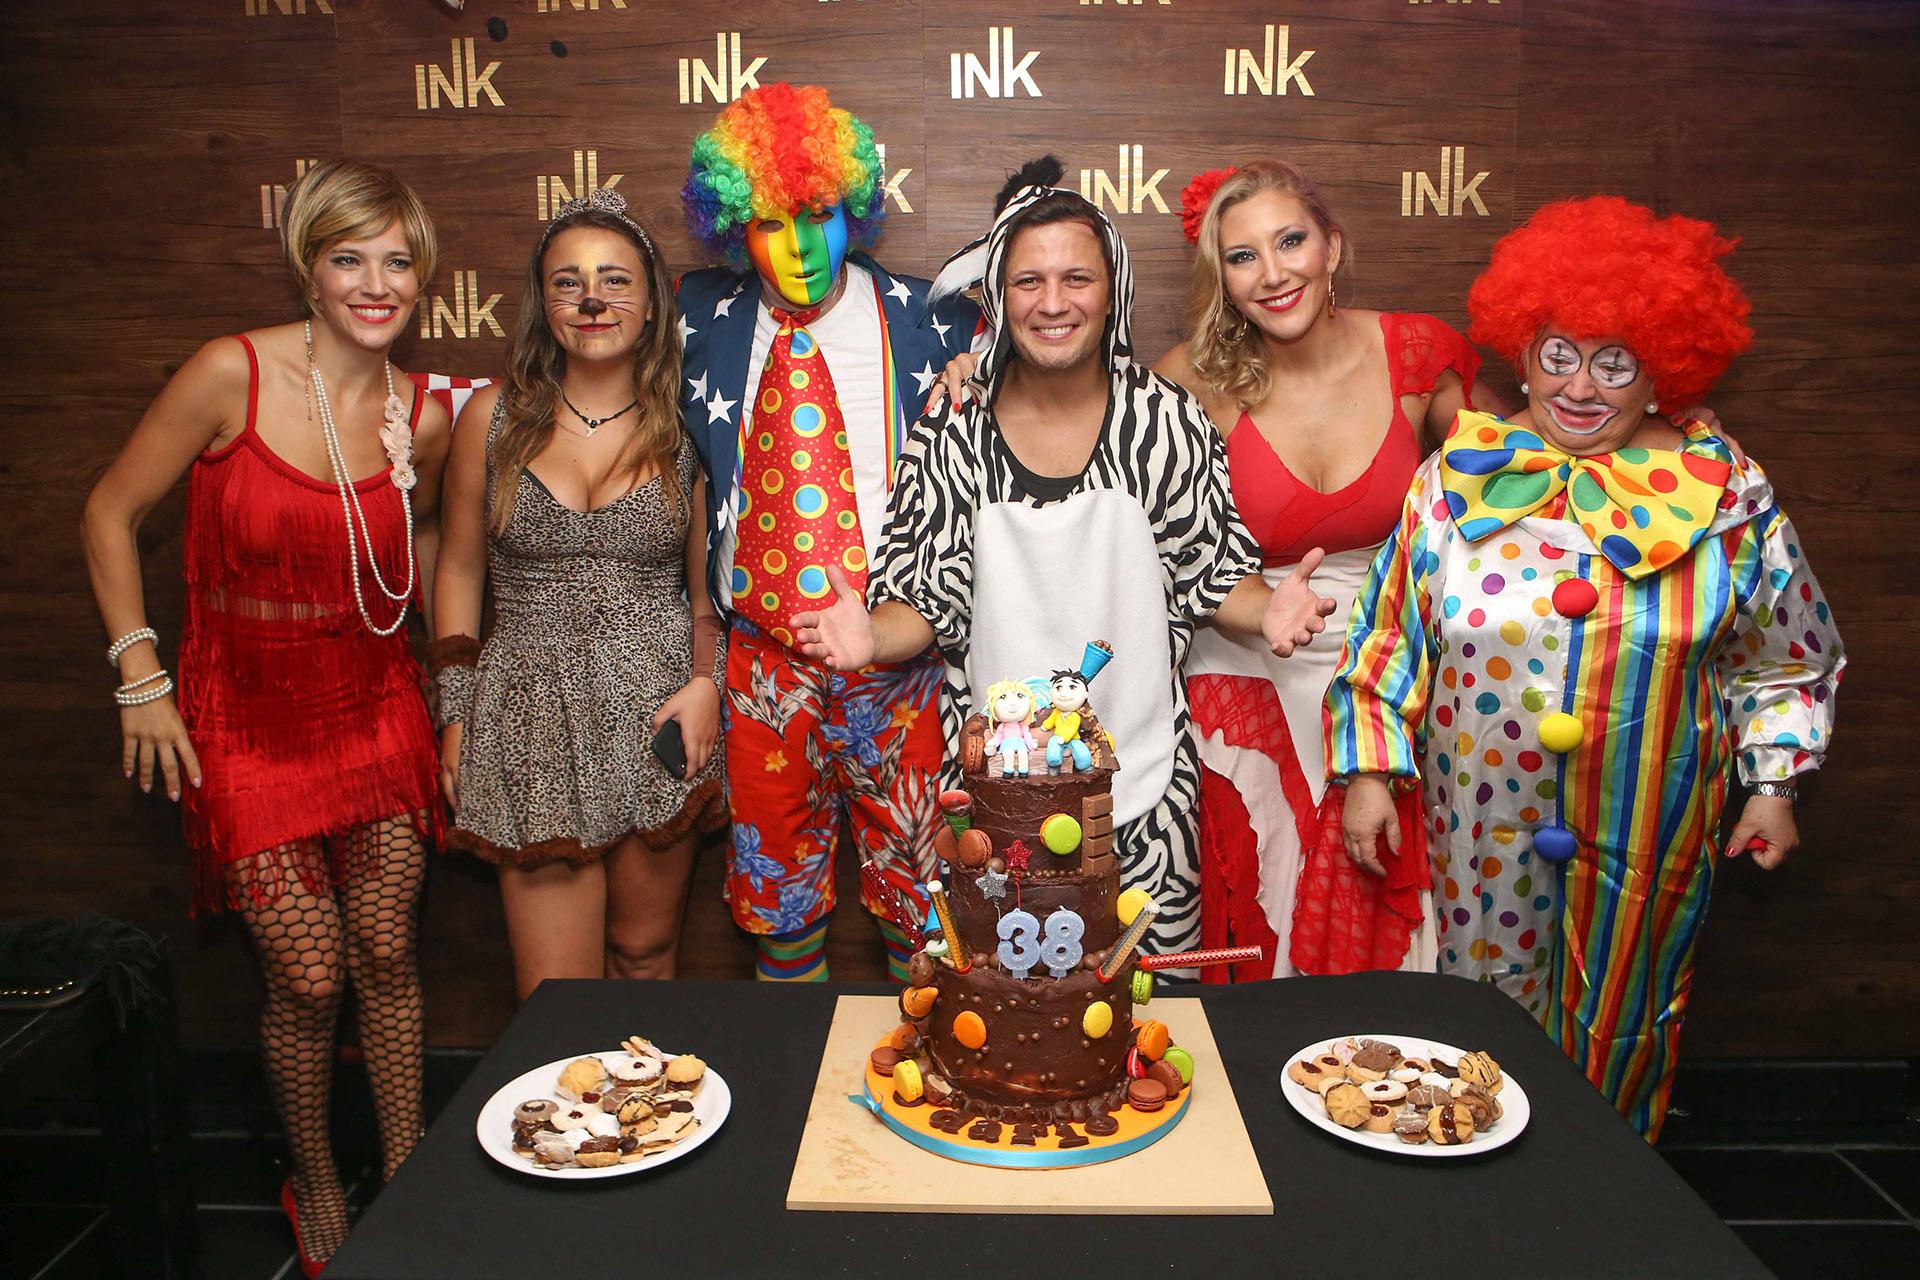 Darío Lopilato celebró su cumpleaños número 38 con una fiesta de disfraces (Fotos: Teleshow)